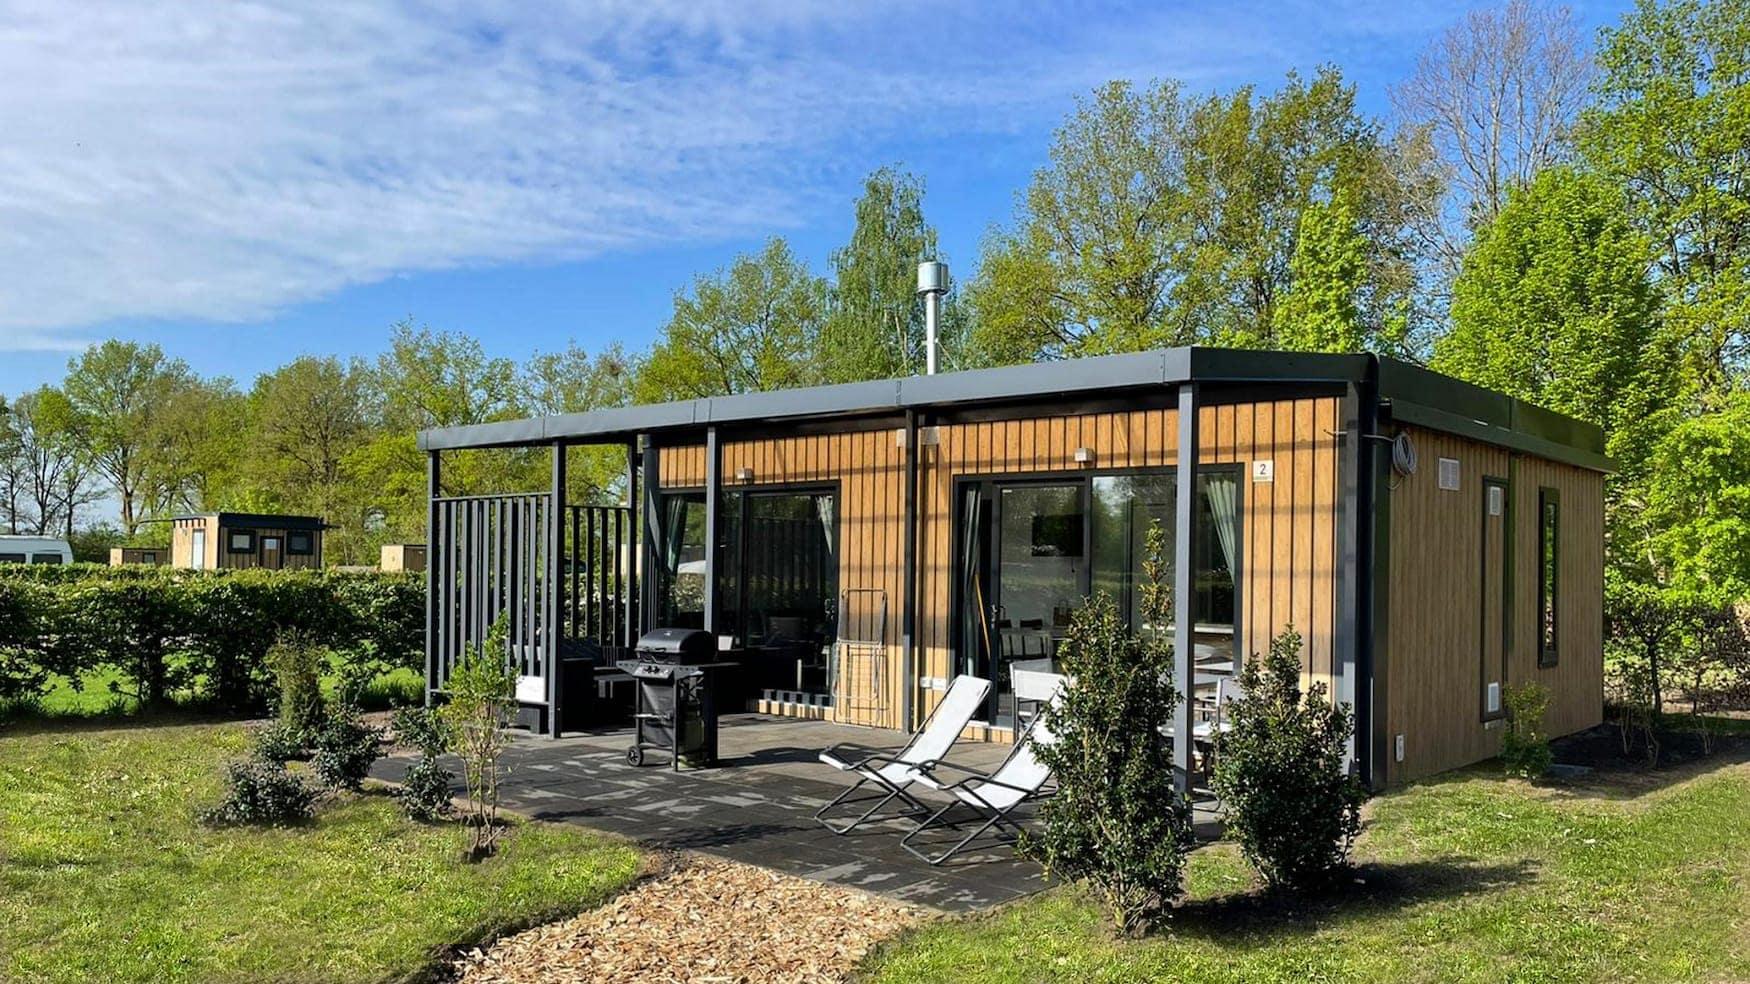 Urlaub in der Natur im Papillon Country Resort im niederländischen Twente